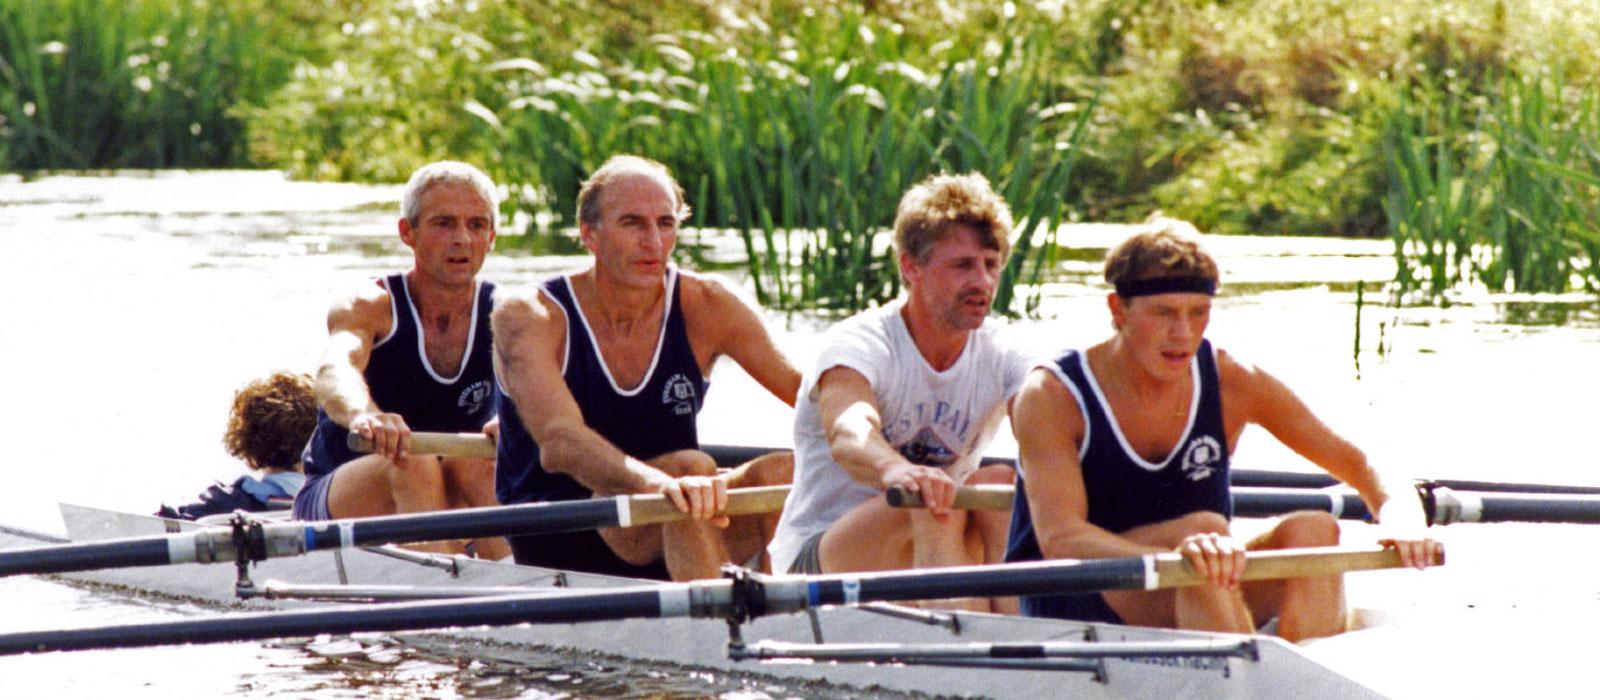 rowing-slide2